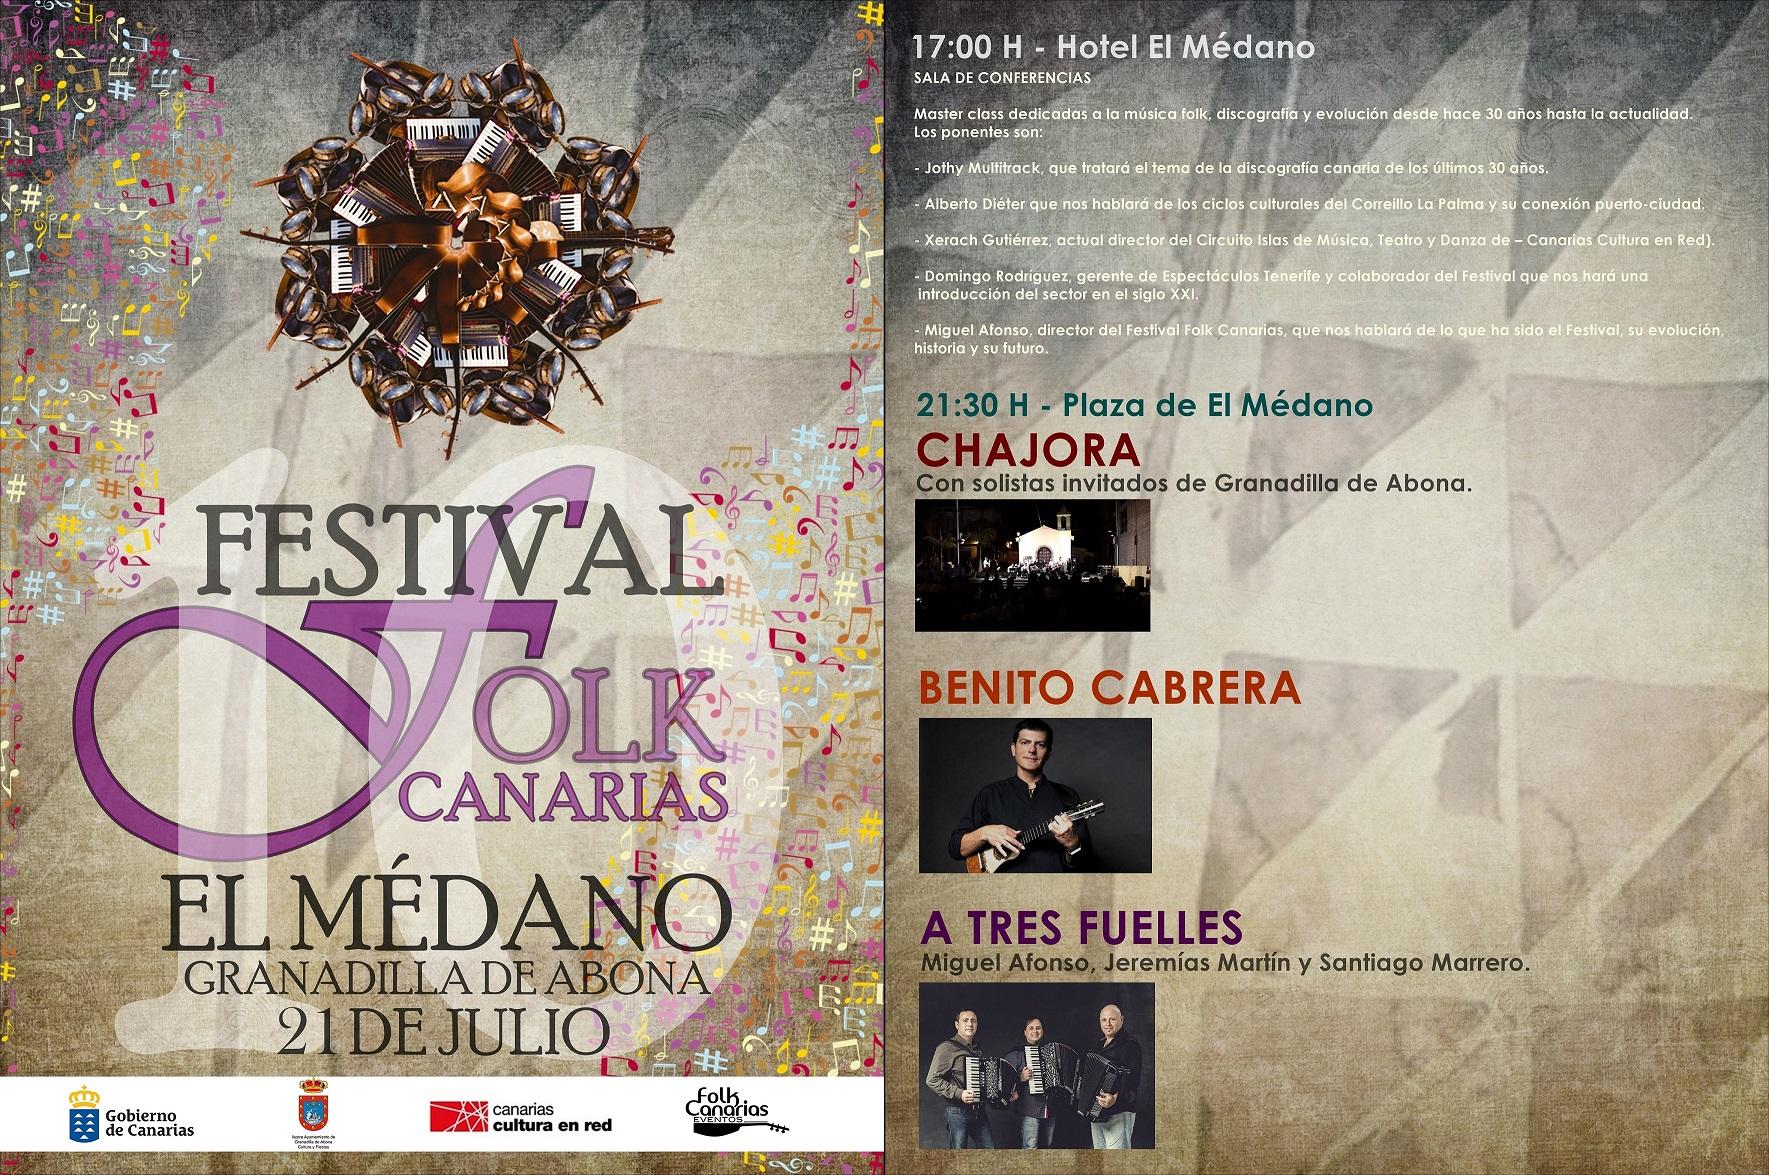 X Edición Festival Folk Canarias 2017